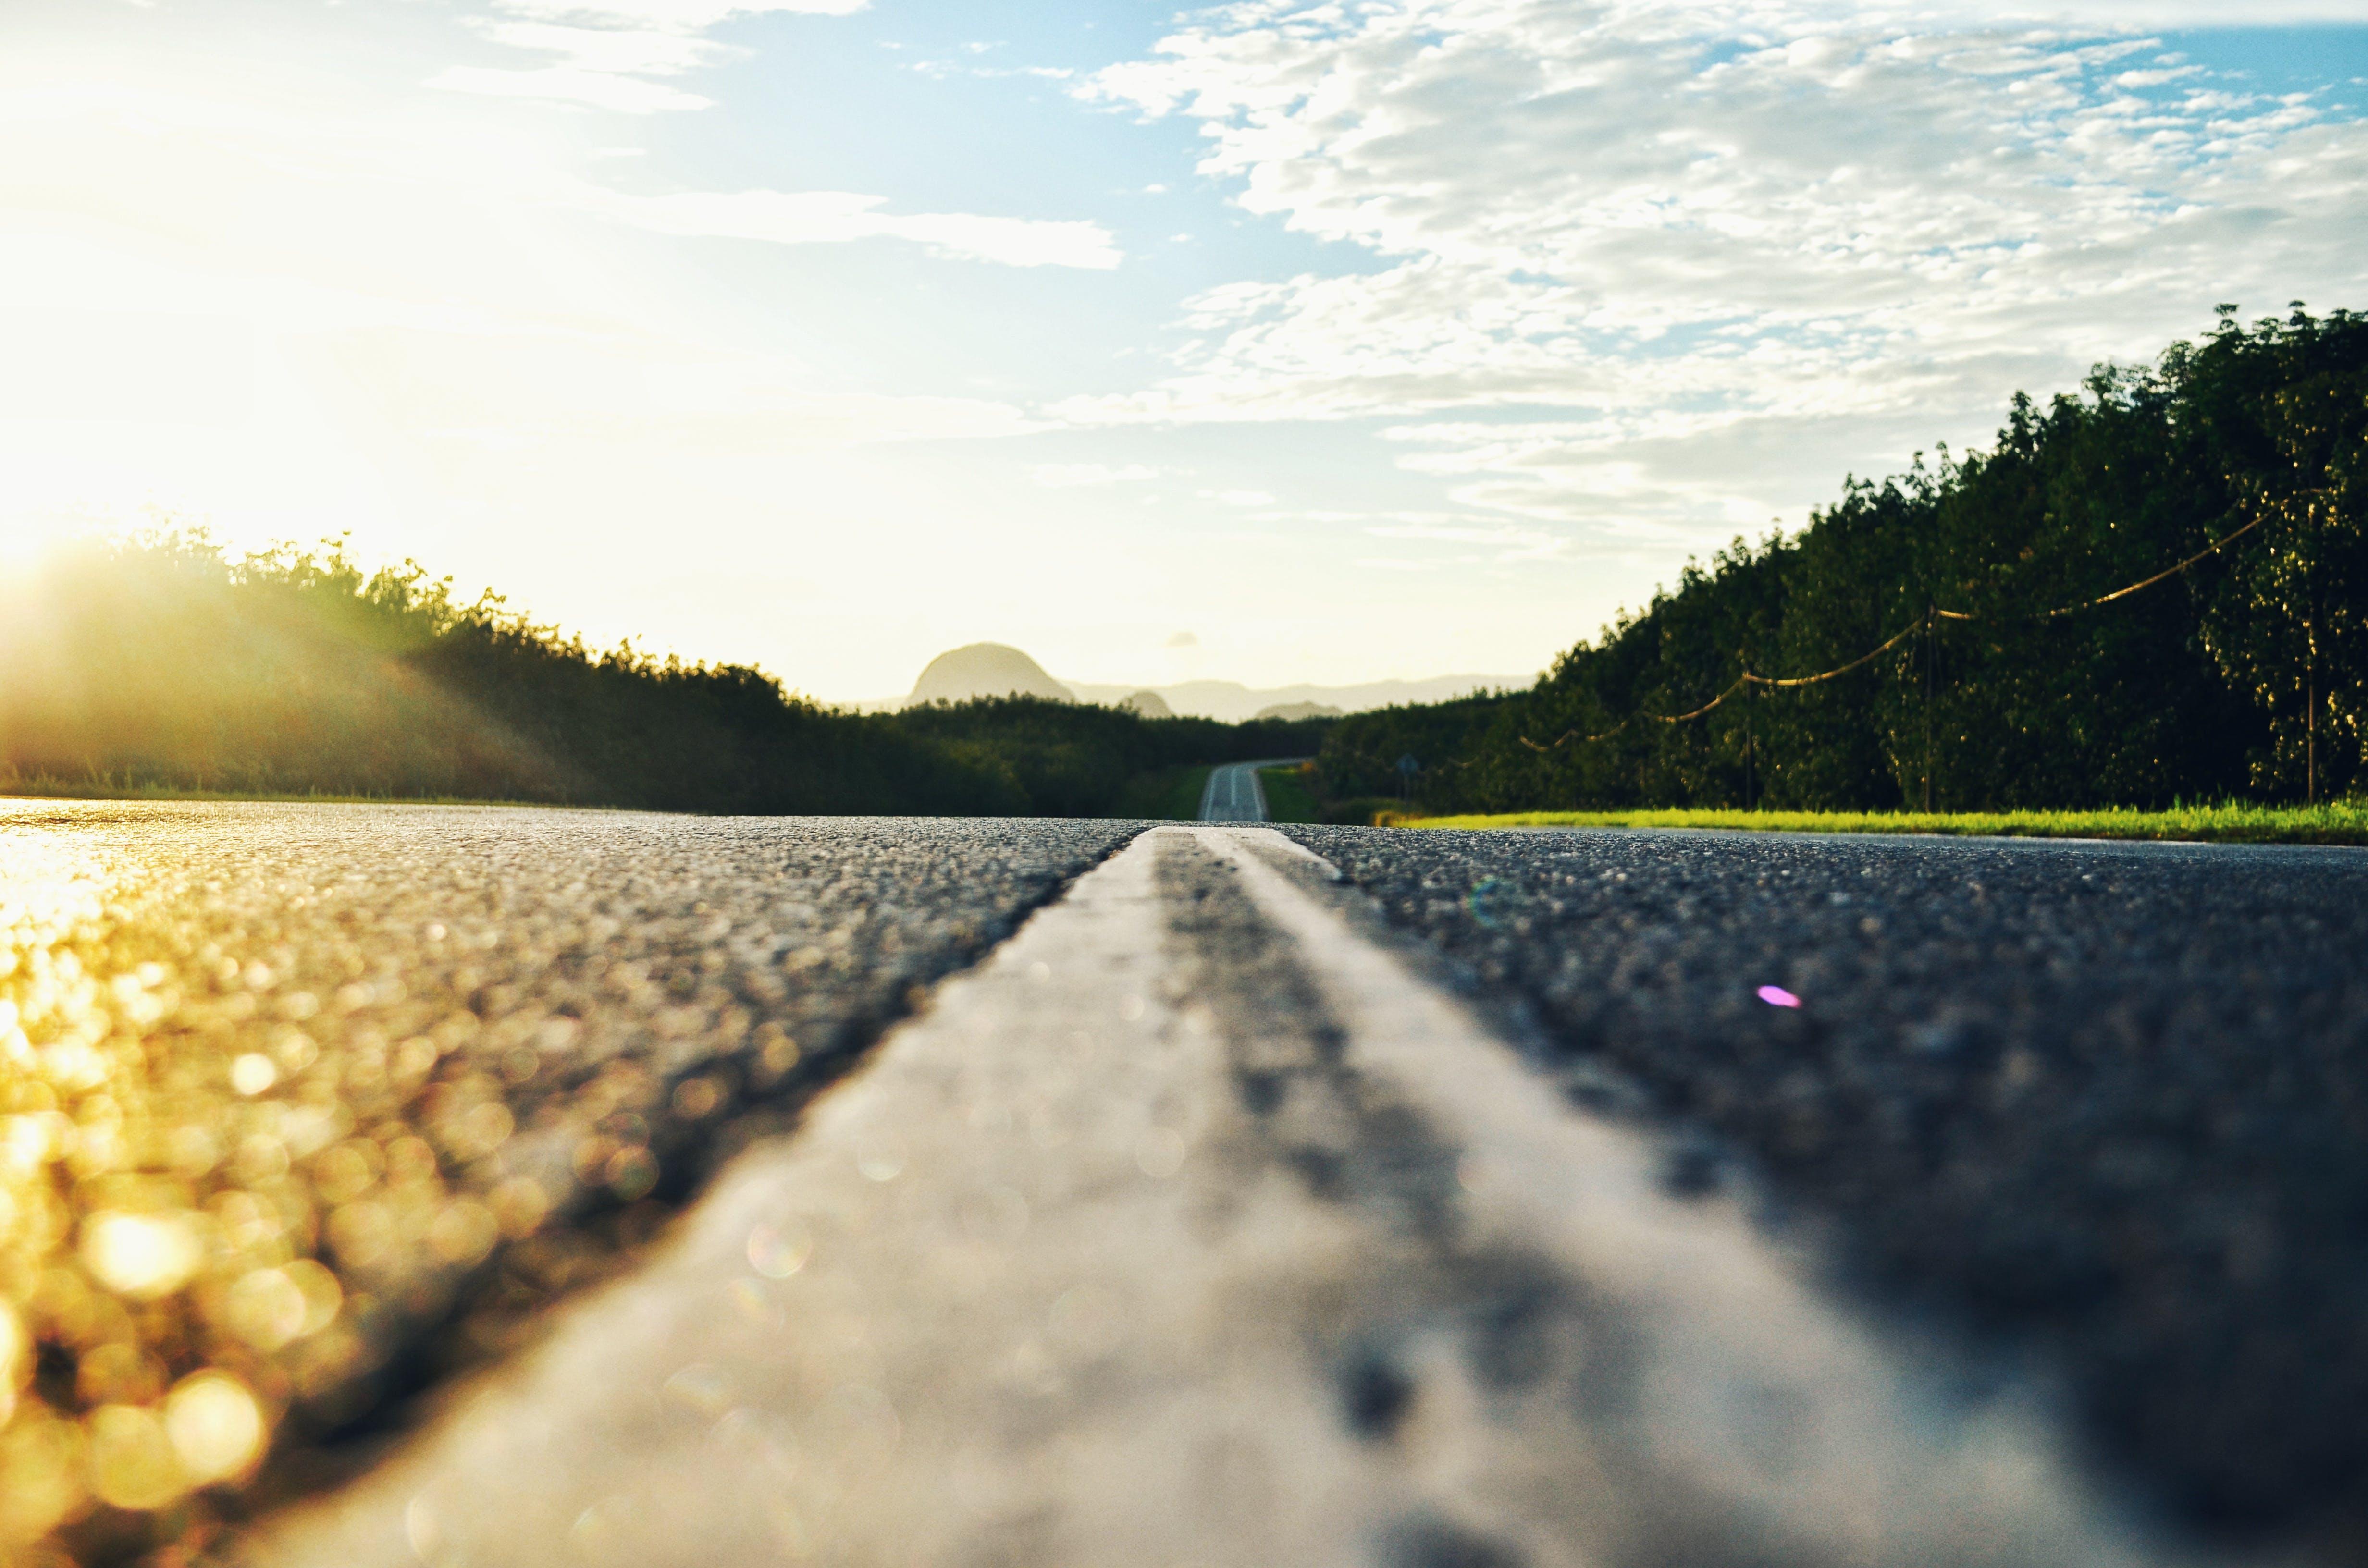 asphalt, cloud, color